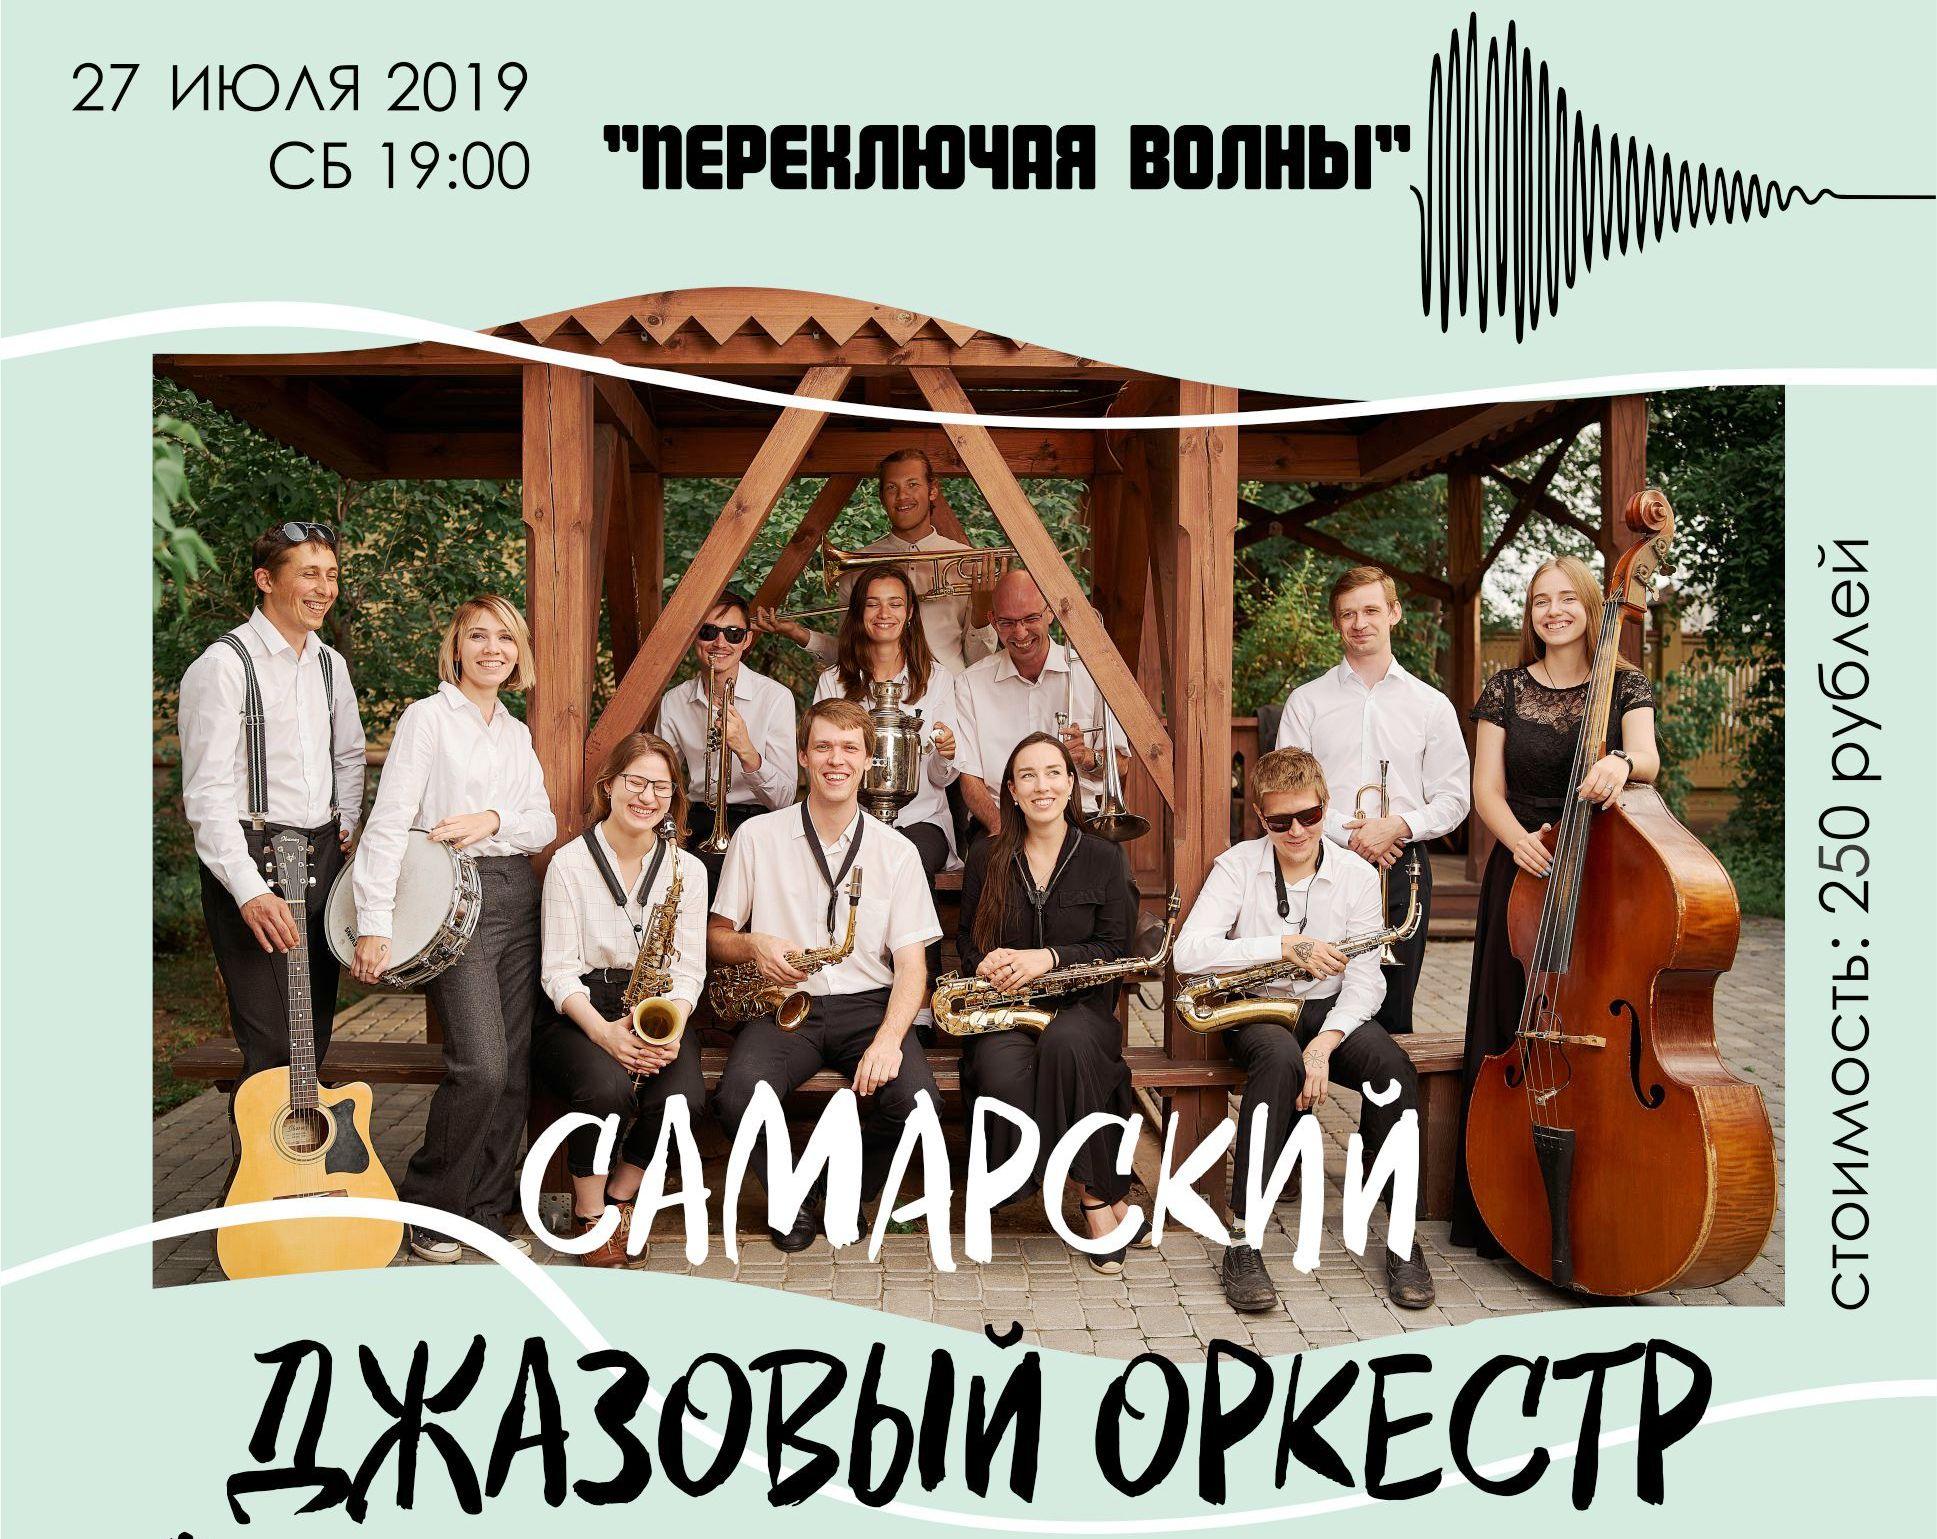 Джазовый оркест